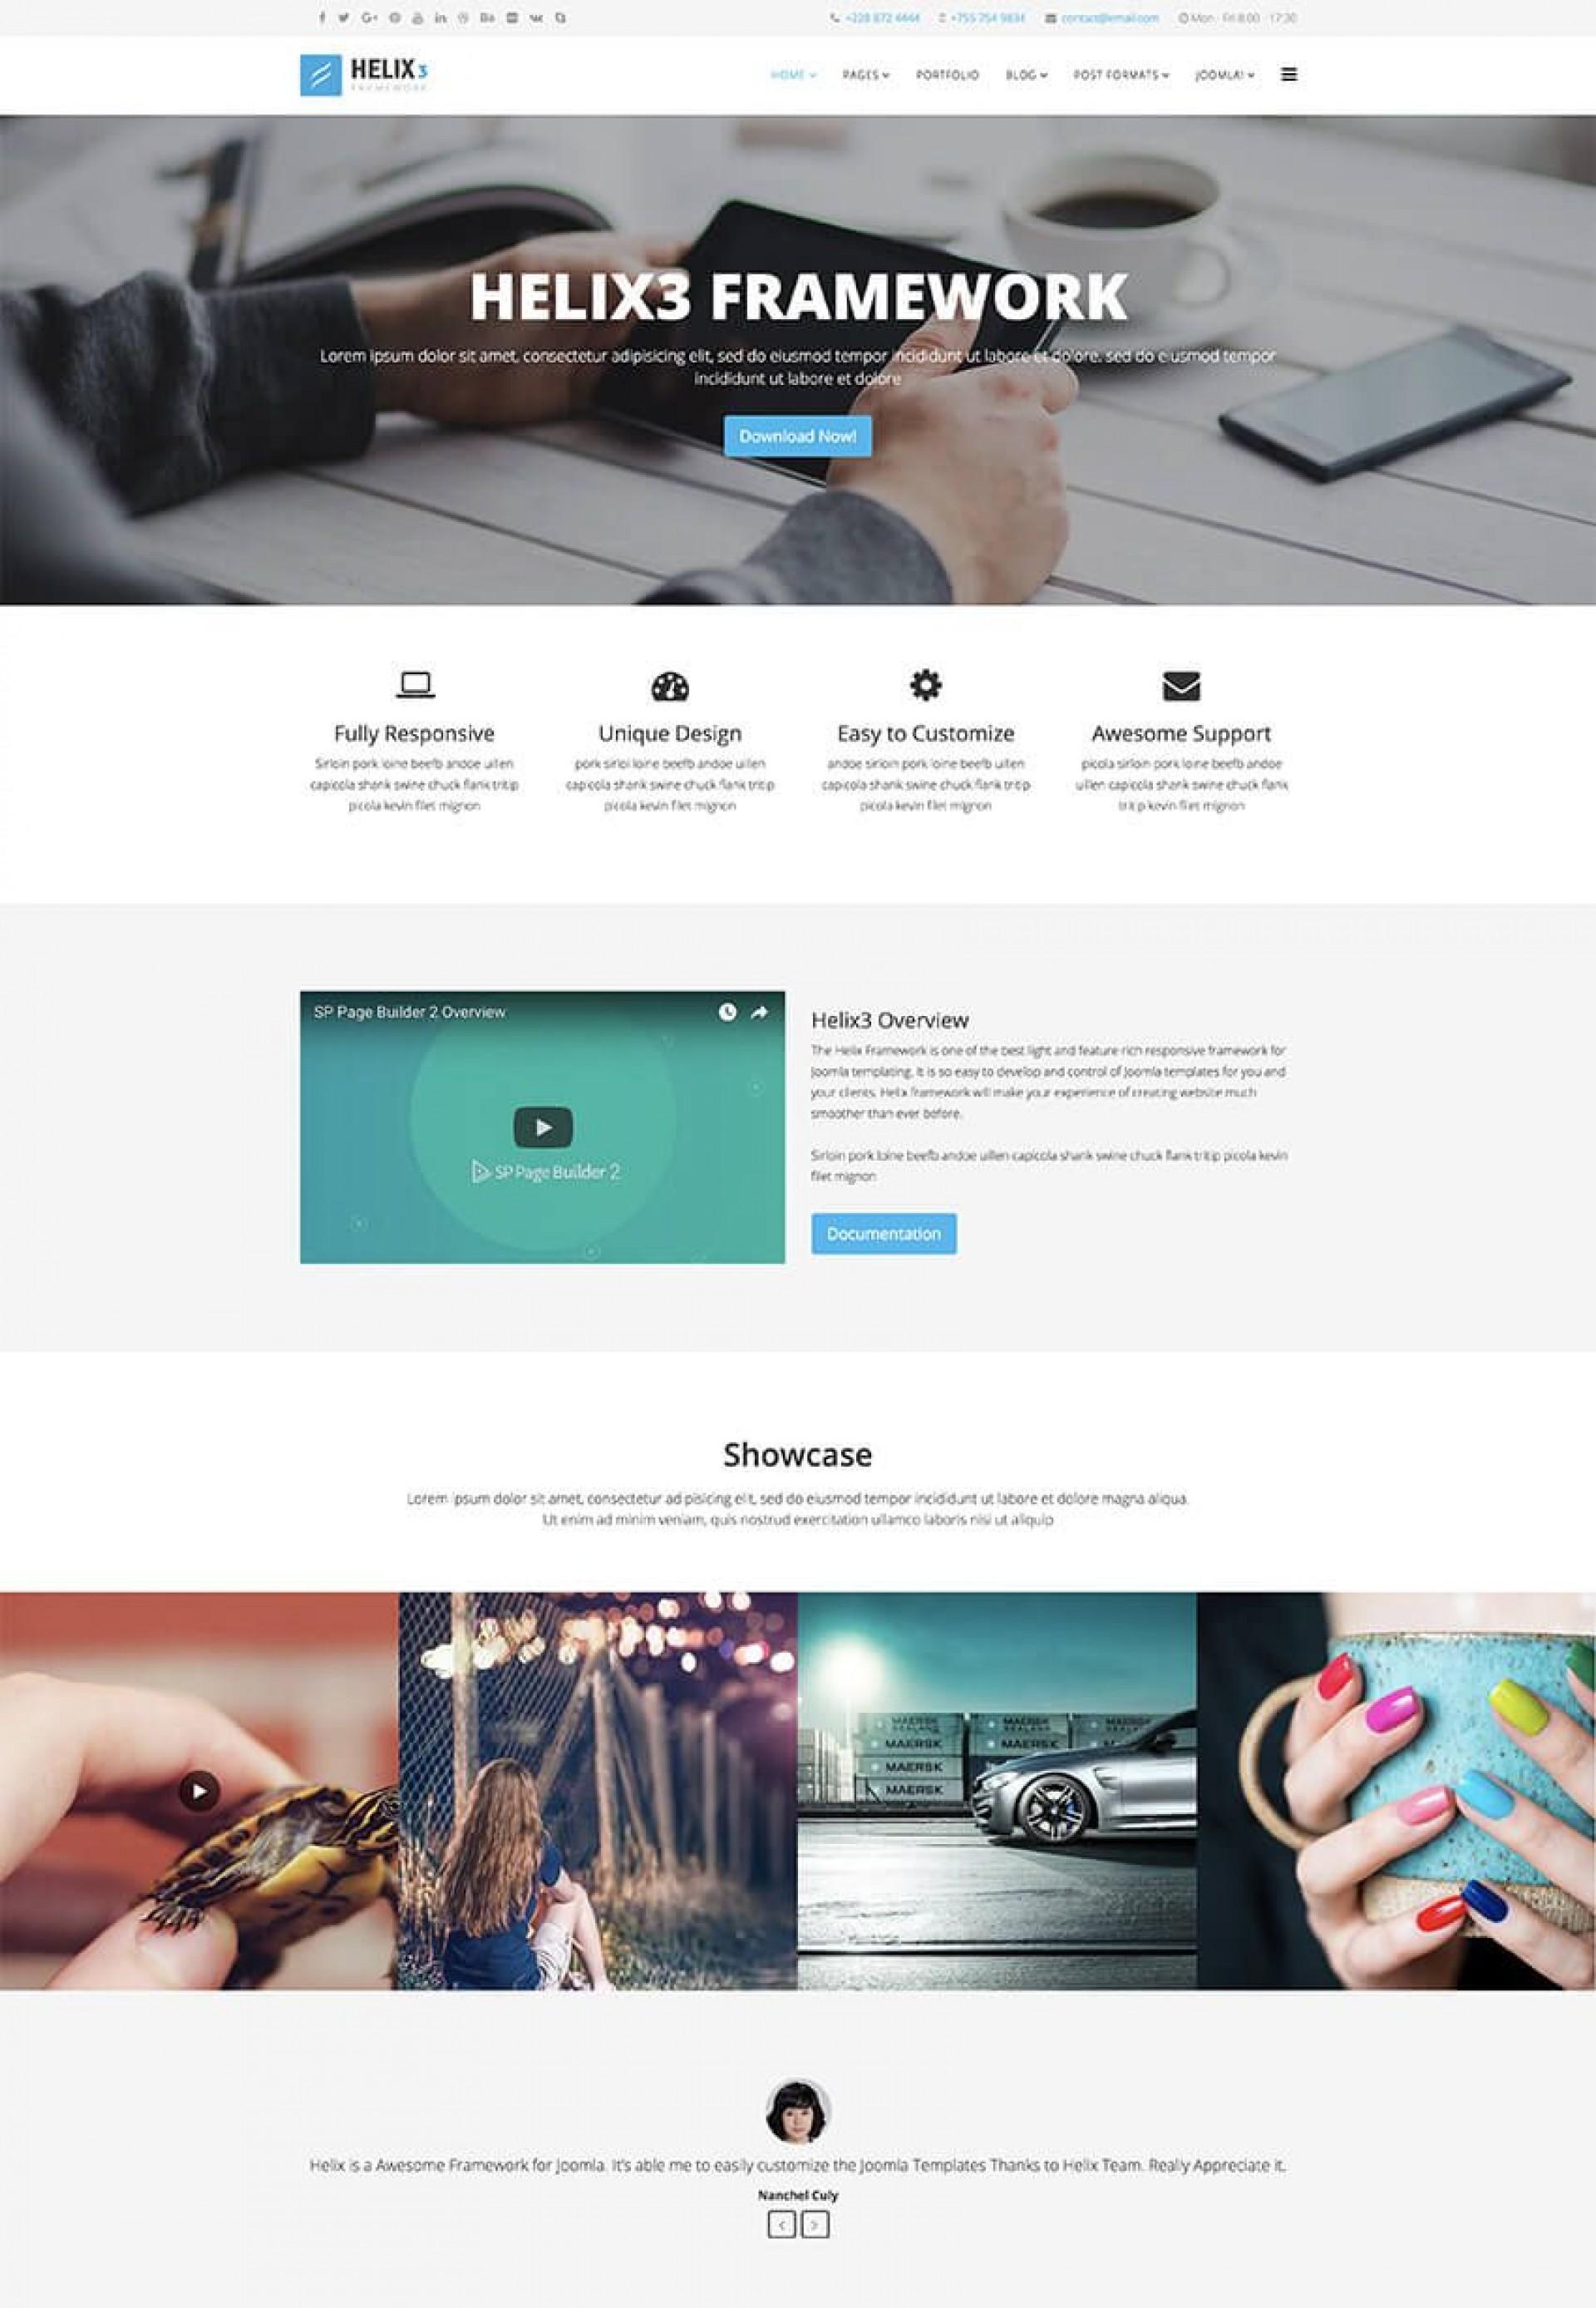 001 Surprising Joomla Responsive Template Free Concept  3.0 Download Busines 31920